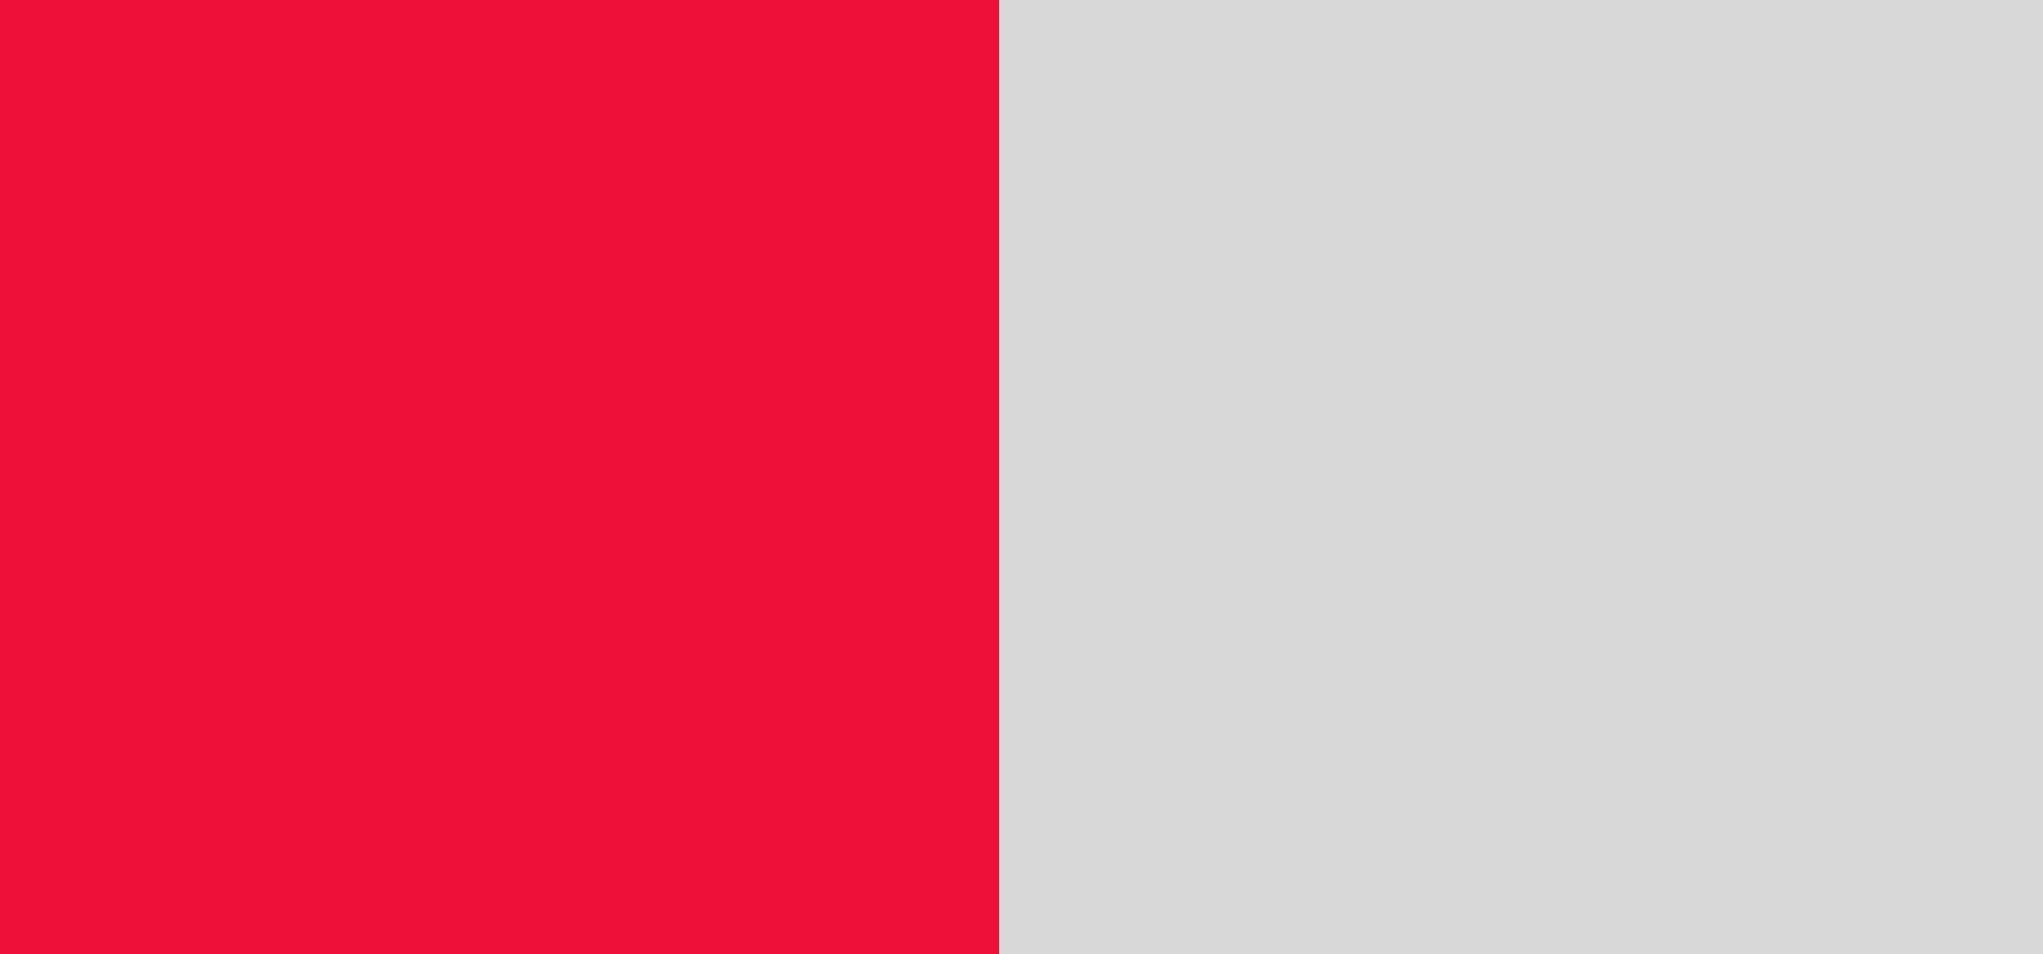 Rouge gris